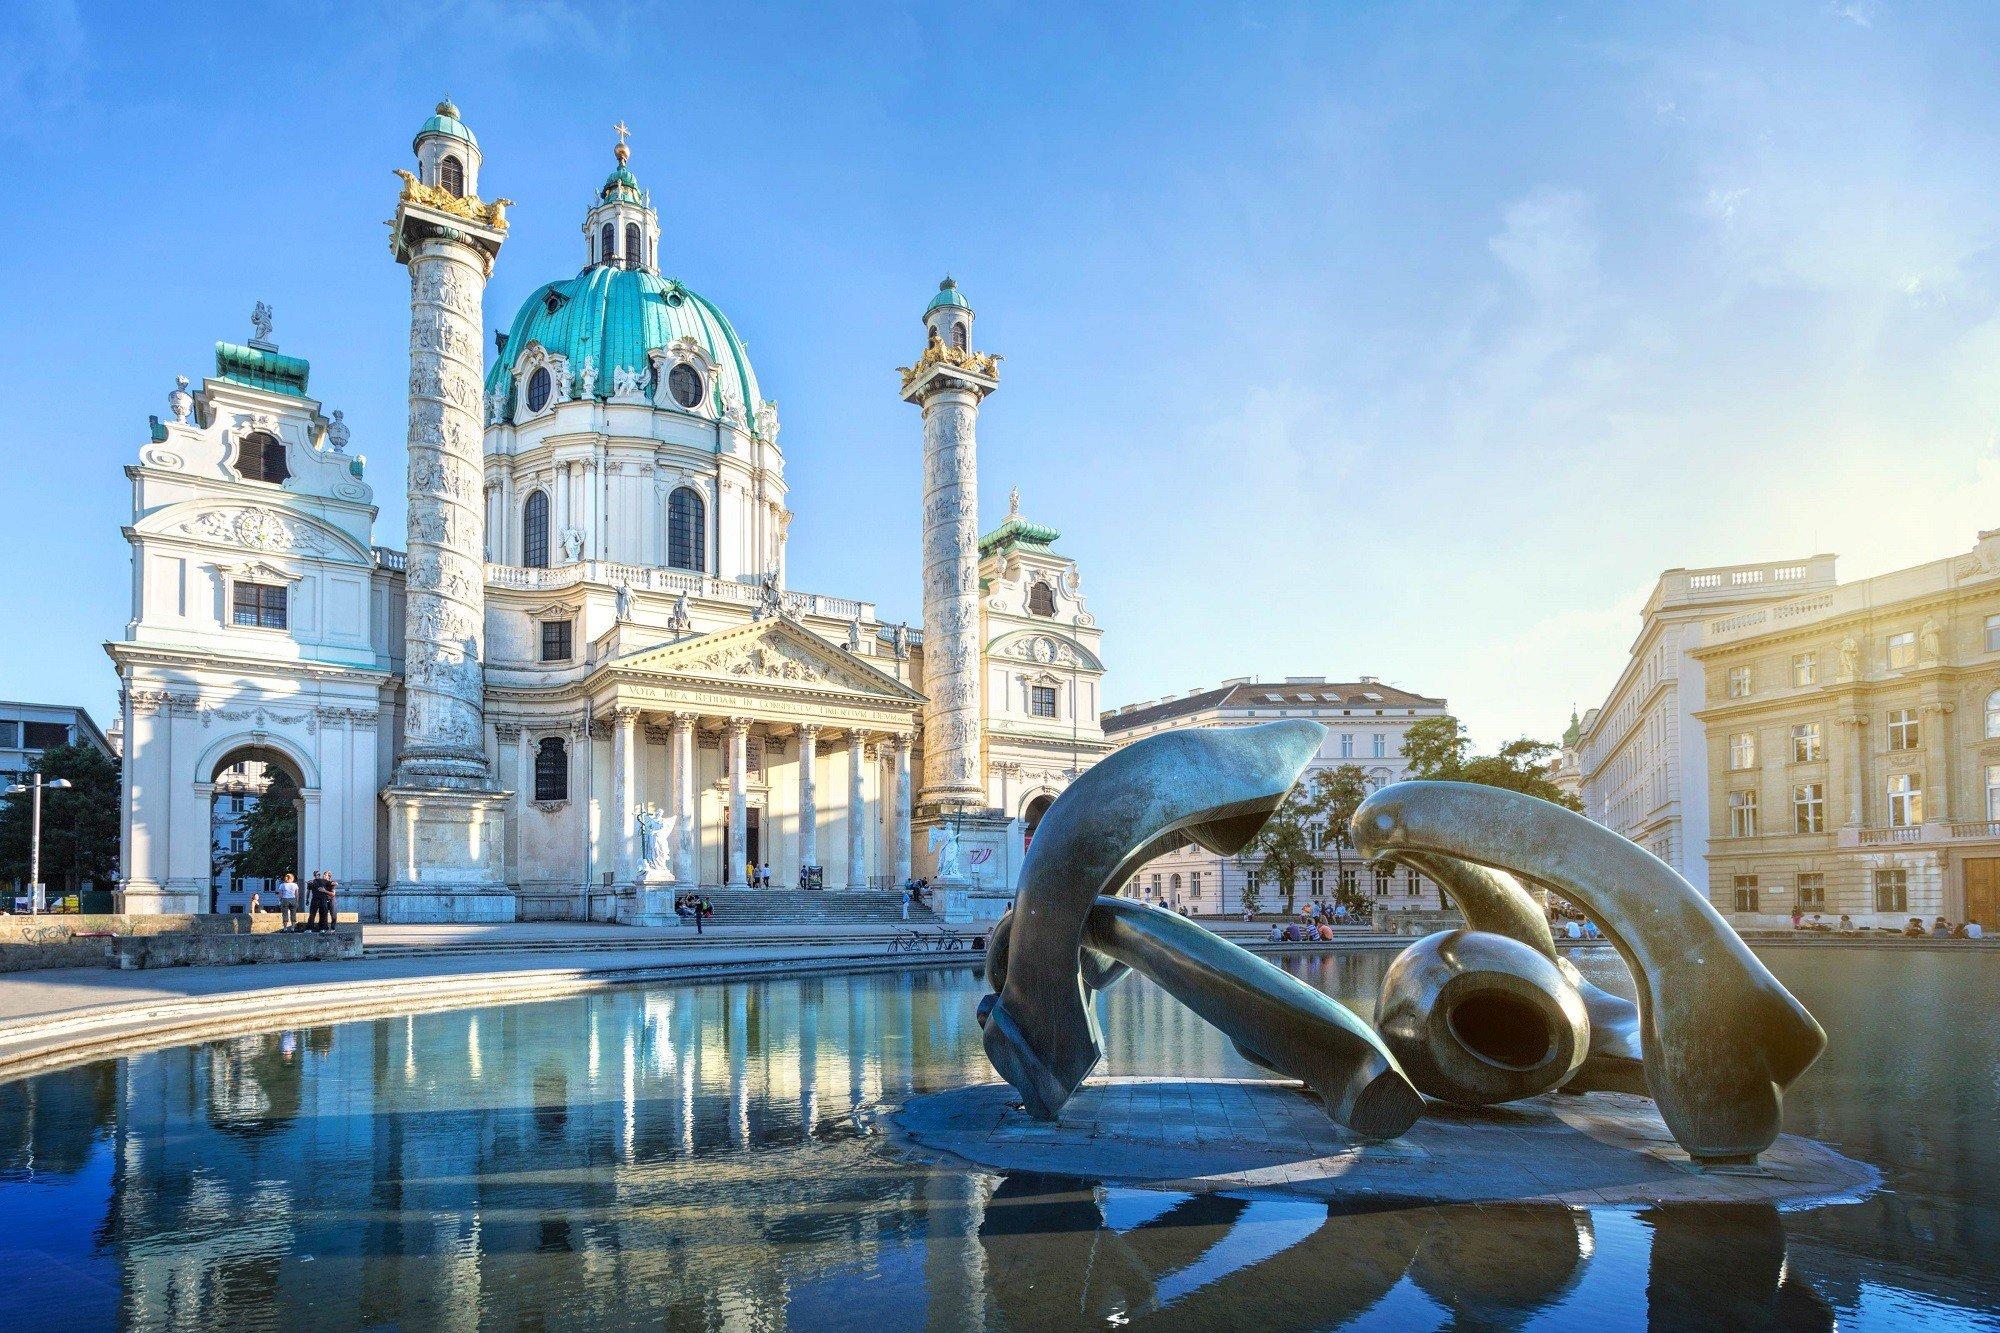 4*-Stedentrip naar Wenen incl. verblijf in centraal gelegen hotel incl. vlucht